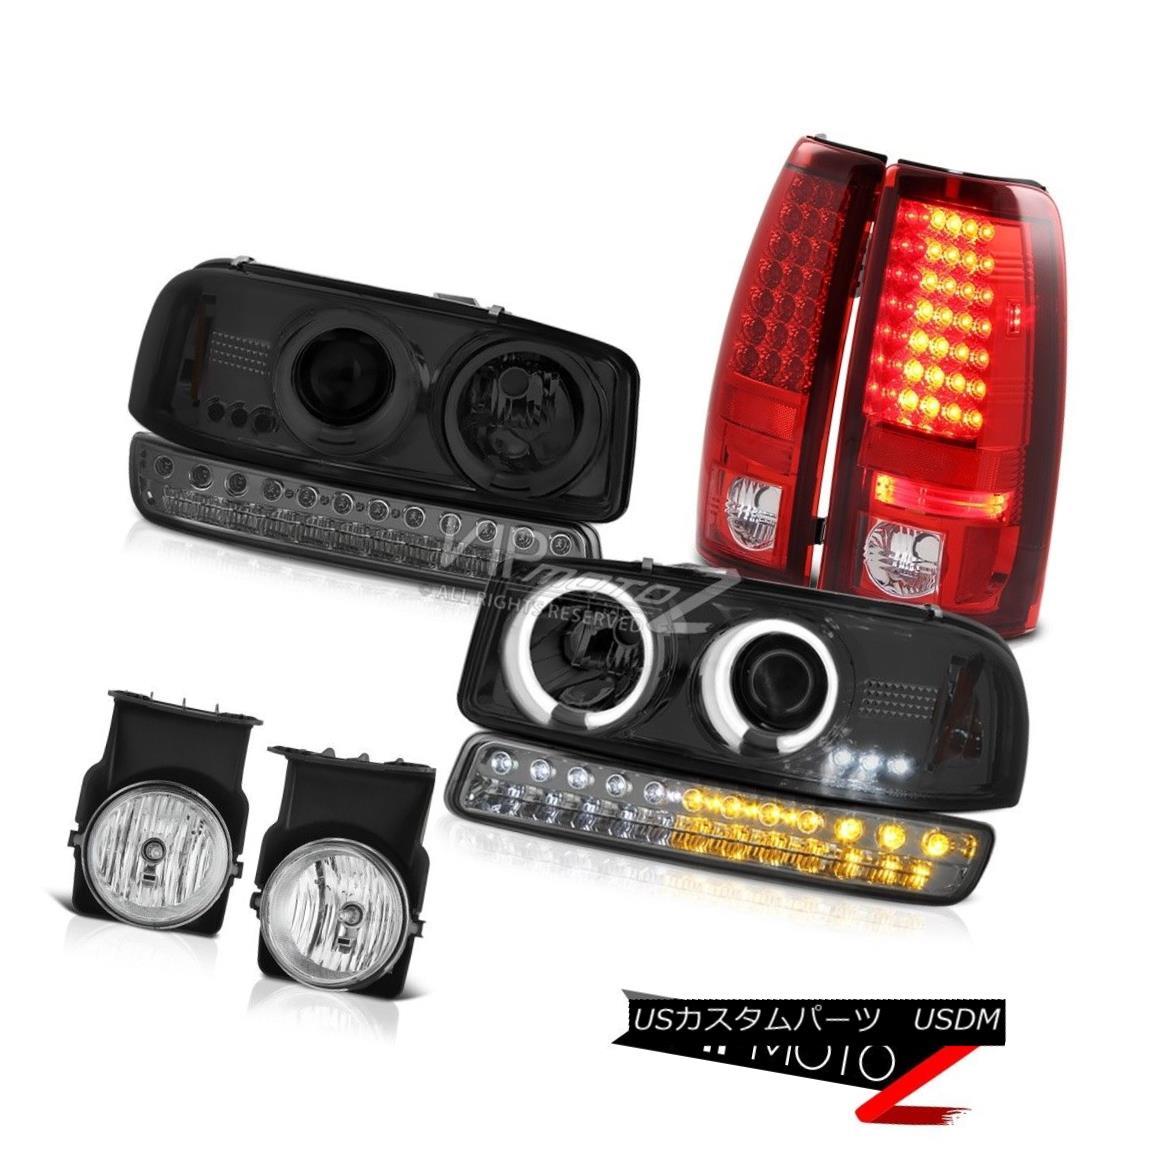 テールライト 03-06 Sierra C3 Foglights red clear SMD Tail Lamps Bumper Lamp CCFL Headlights 03-06シエラC3フォグライト赤いクリアとテールランプバンパーランプCCFLヘッドライト